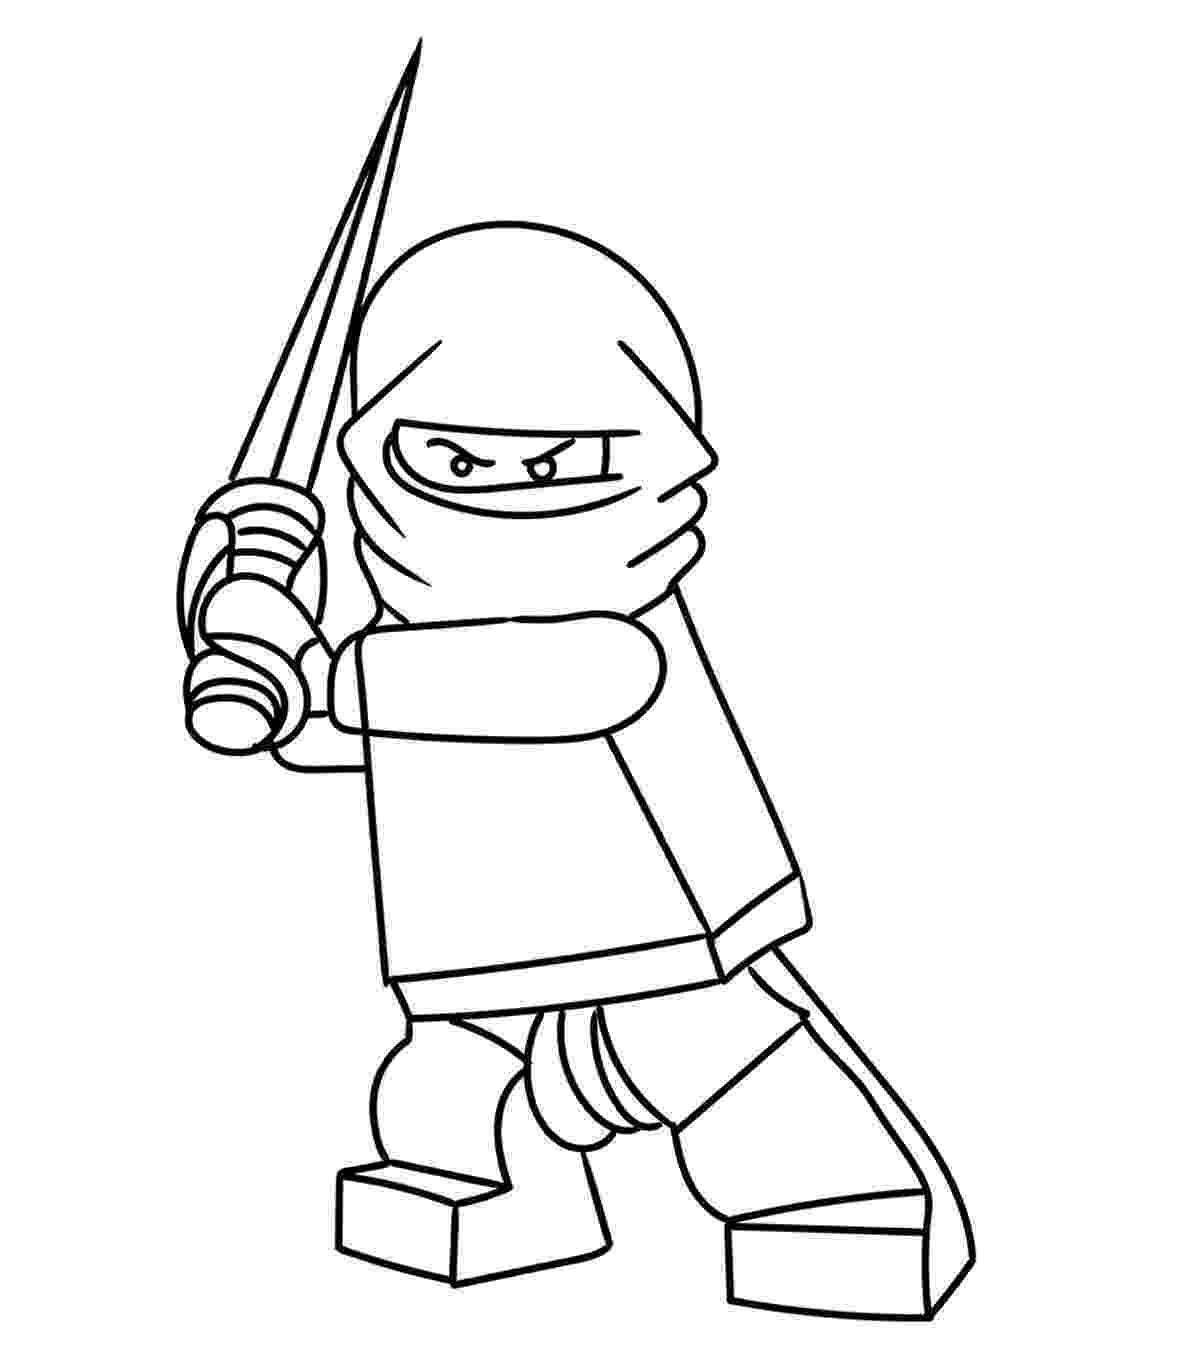 ninja coloring sheets craftoholic teenage mutant ninja turtles coloring pages ninja coloring sheets